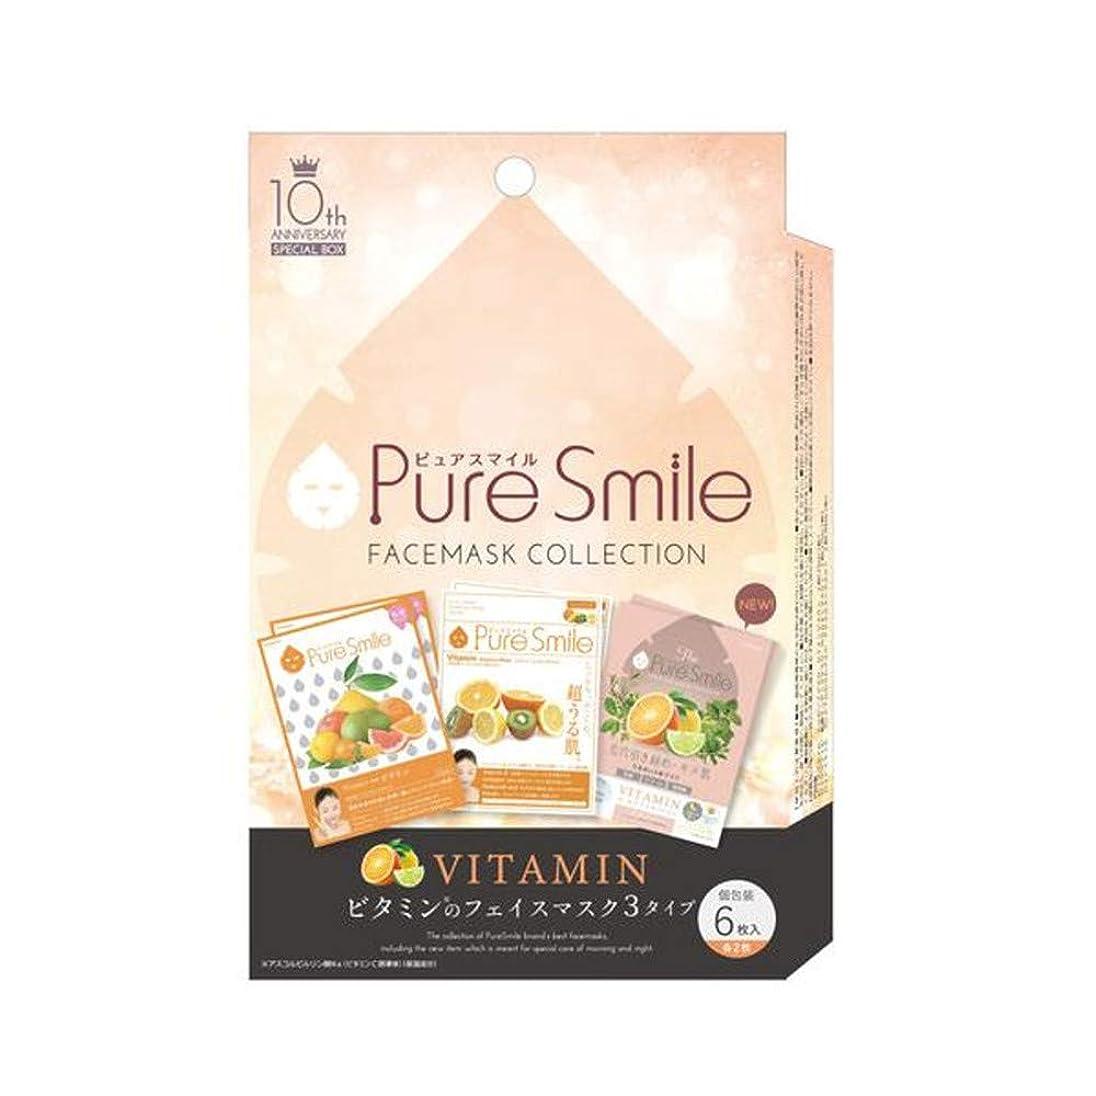 金額聖なる寮ピュア スマイル Pure Smile 10thアニバーサリー スペシャルボックス ビタミン 6枚入り